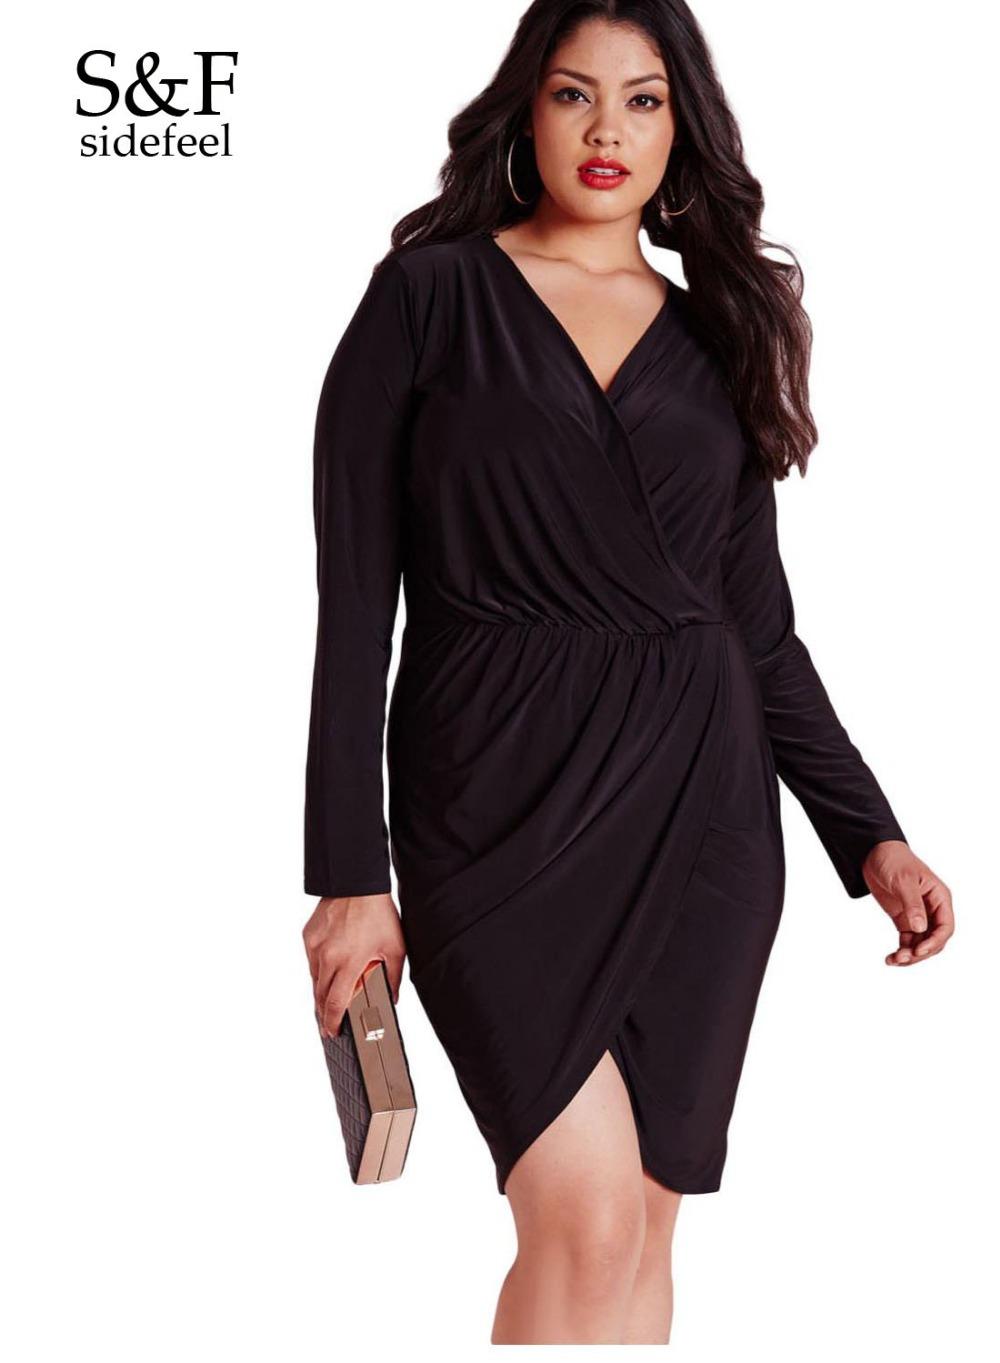 la mode des robes de france robe portefeuille noire pas cher. Black Bedroom Furniture Sets. Home Design Ideas